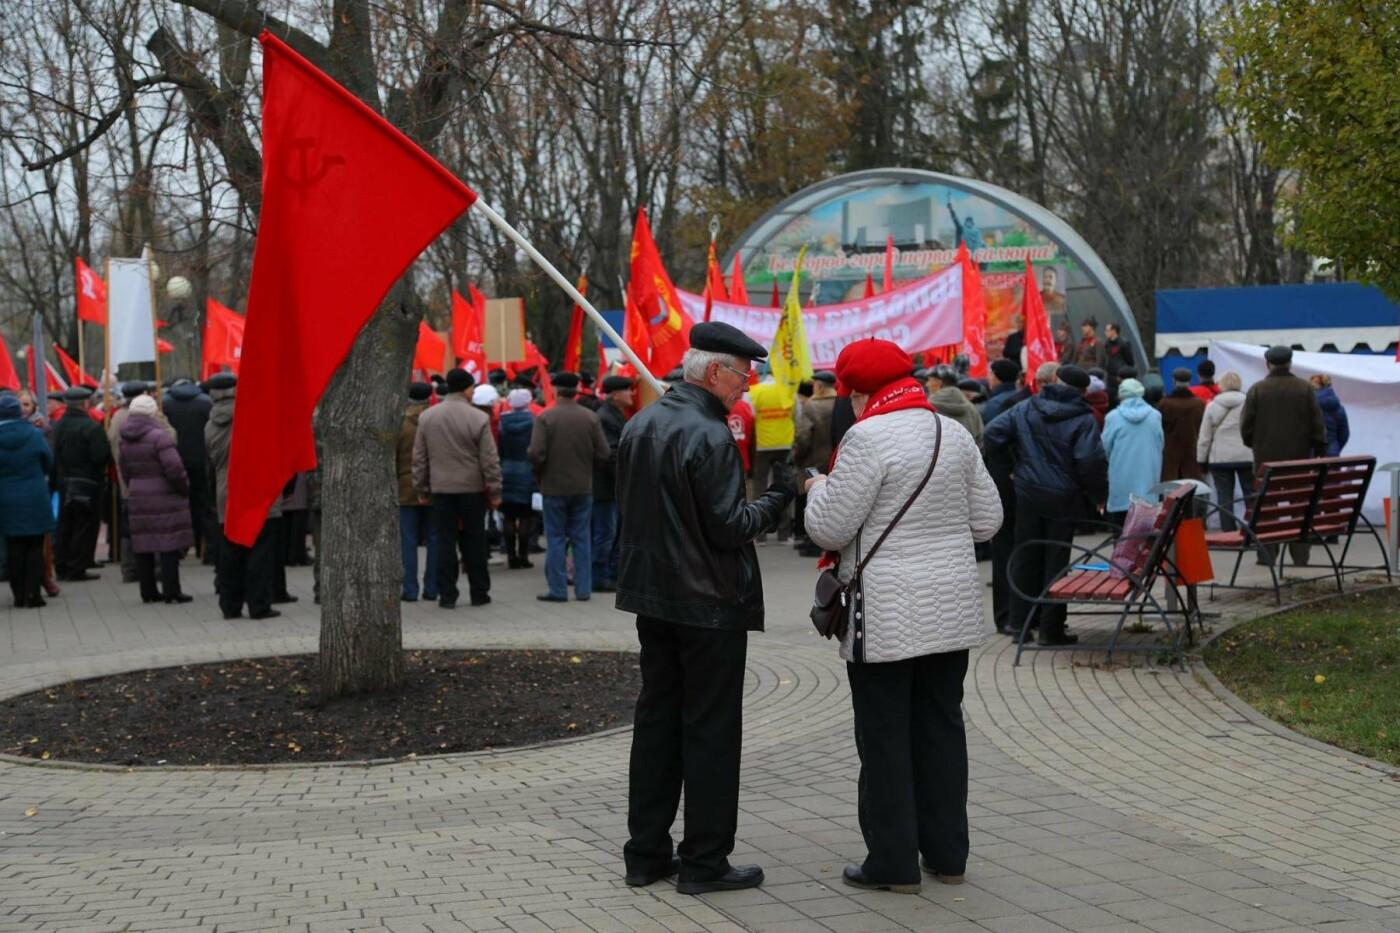 В парке Победы прошла демонстрация в честь 100-летия революции, фото-4